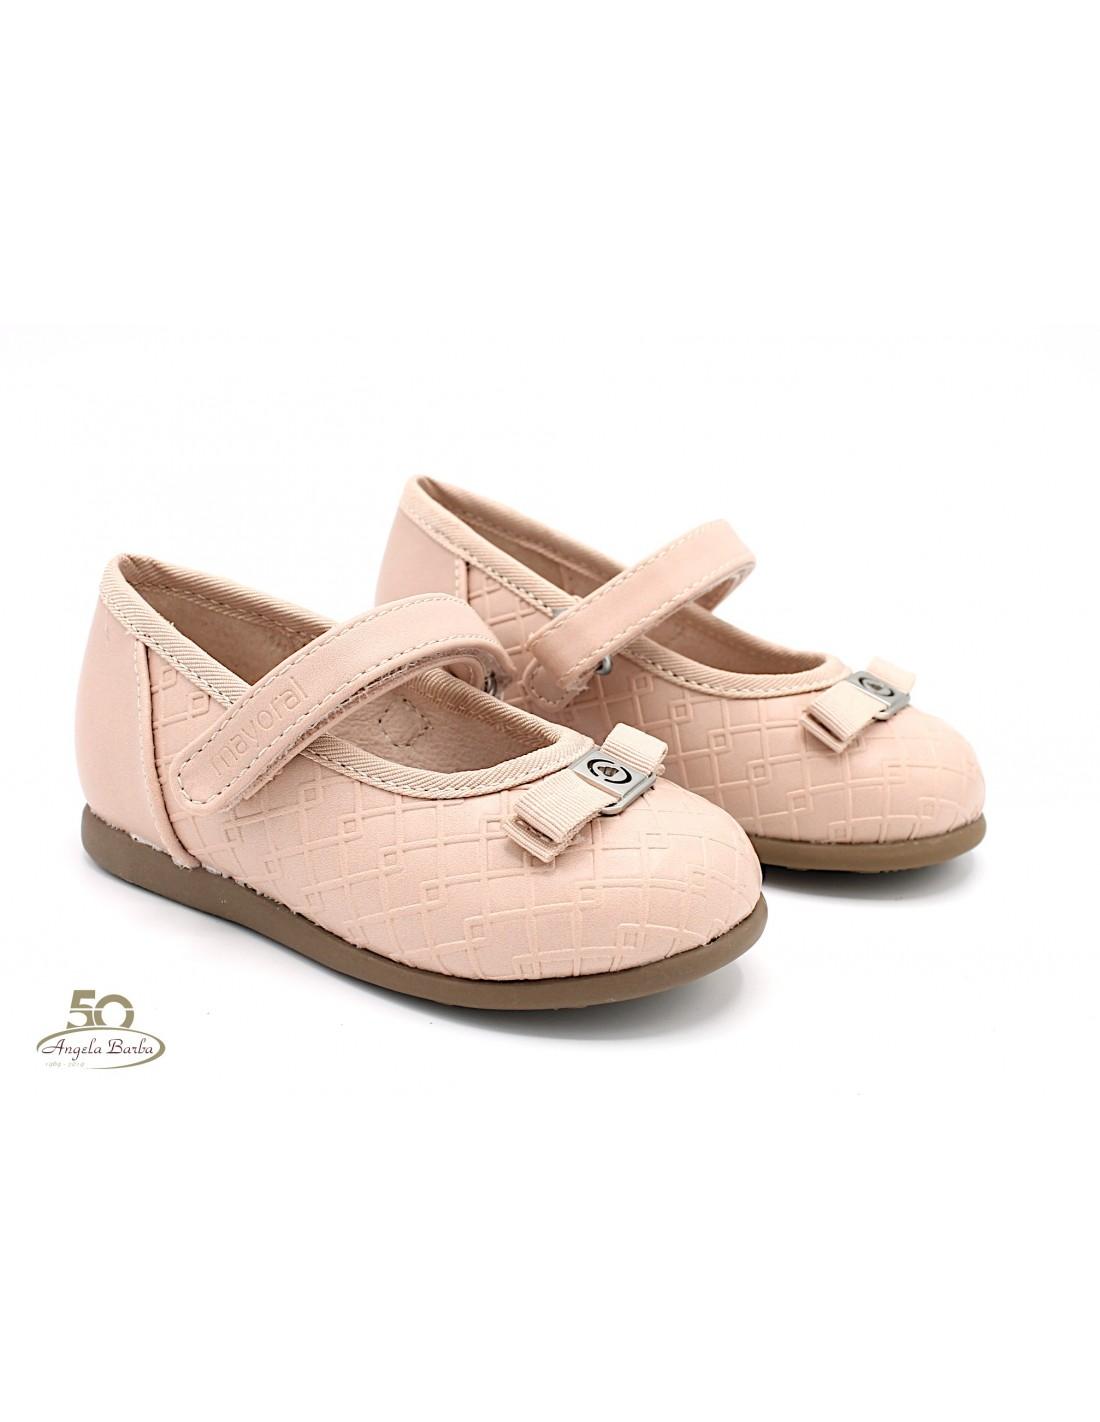 selezione migliore 7e5c5 b11a7 Dettagli su Mayoral scarpe da bambina eleganti per cerimonia ballerina in  pelle ballerine